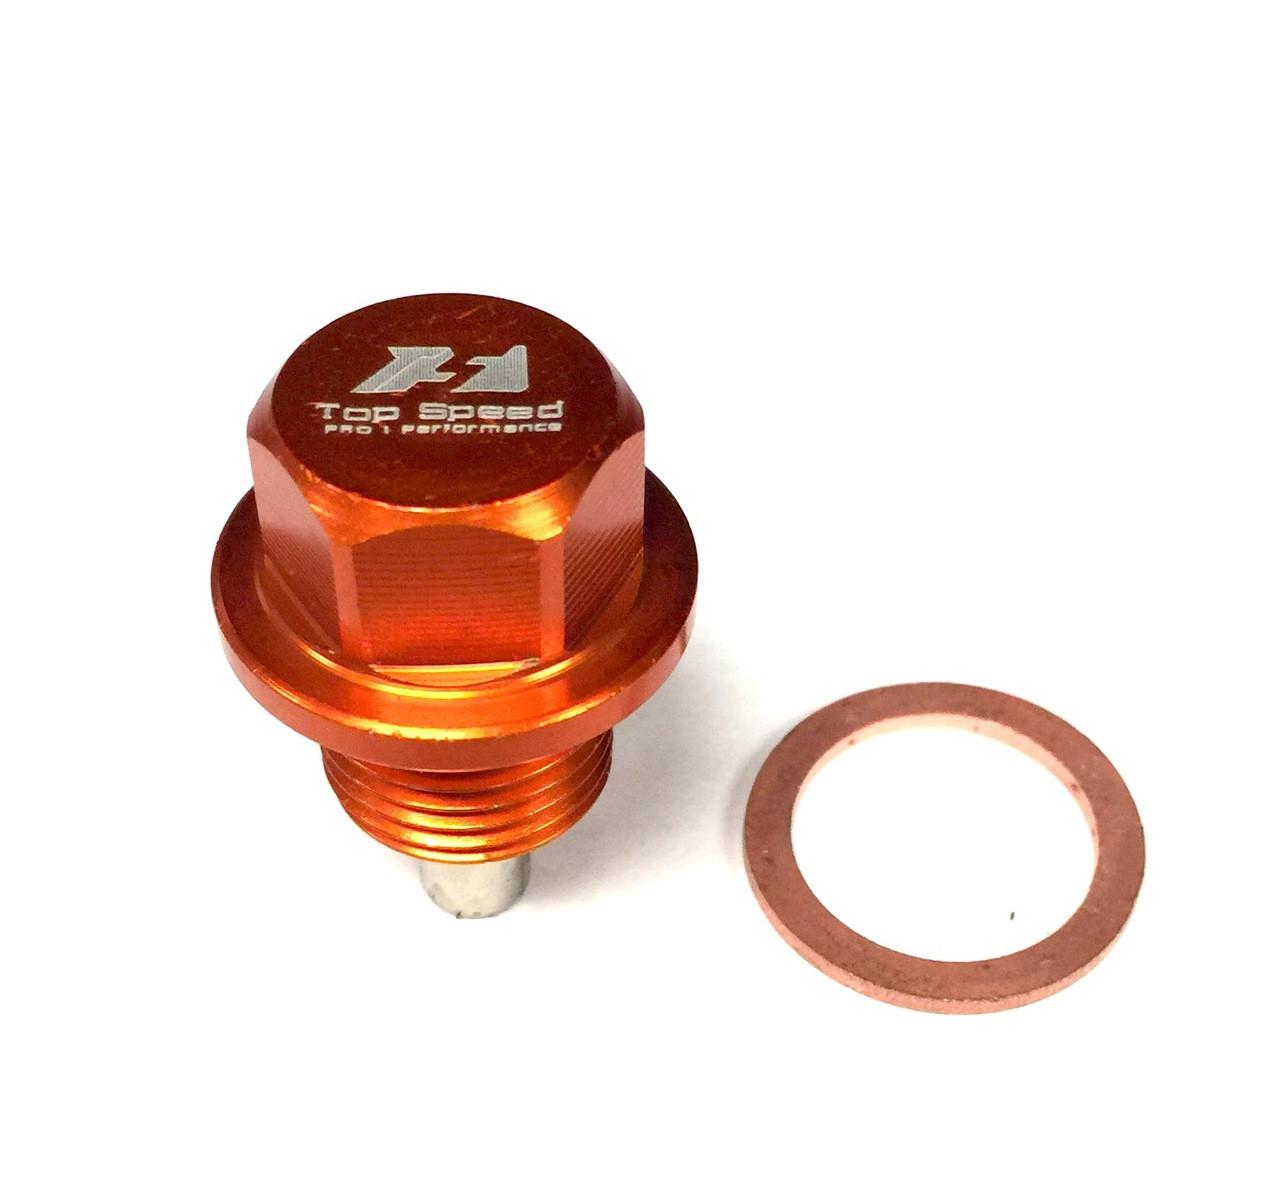 neodymium magnetic oil drain bolt plug xmm  subaru fa brz scion fr  toyota